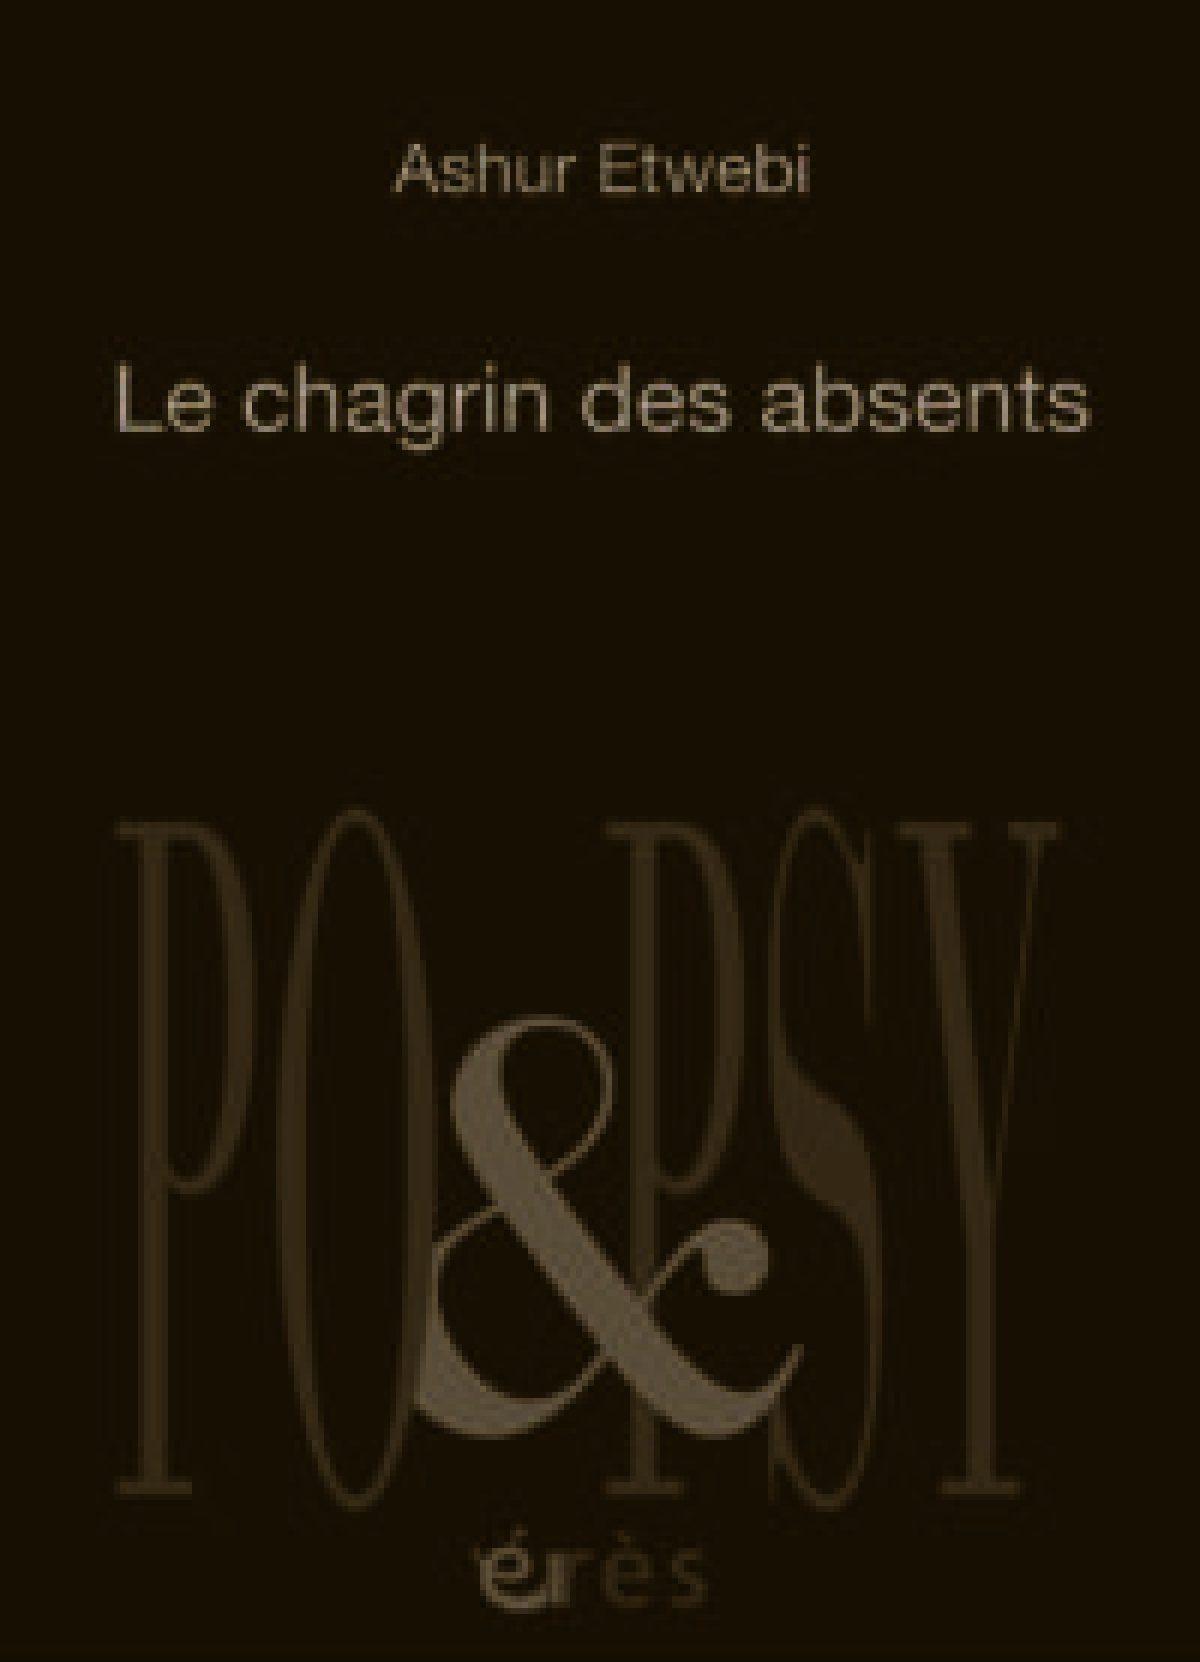 Ashur Etwebi Le chagrin des absents, Eres, Collection Po&Psy Poèmes traduits de l'arabe (Libye) par Antoine Jockey Dessins de Yahya Al-Sheikh 96 pages - 12 euros - sortie en librairie le 25 janvier